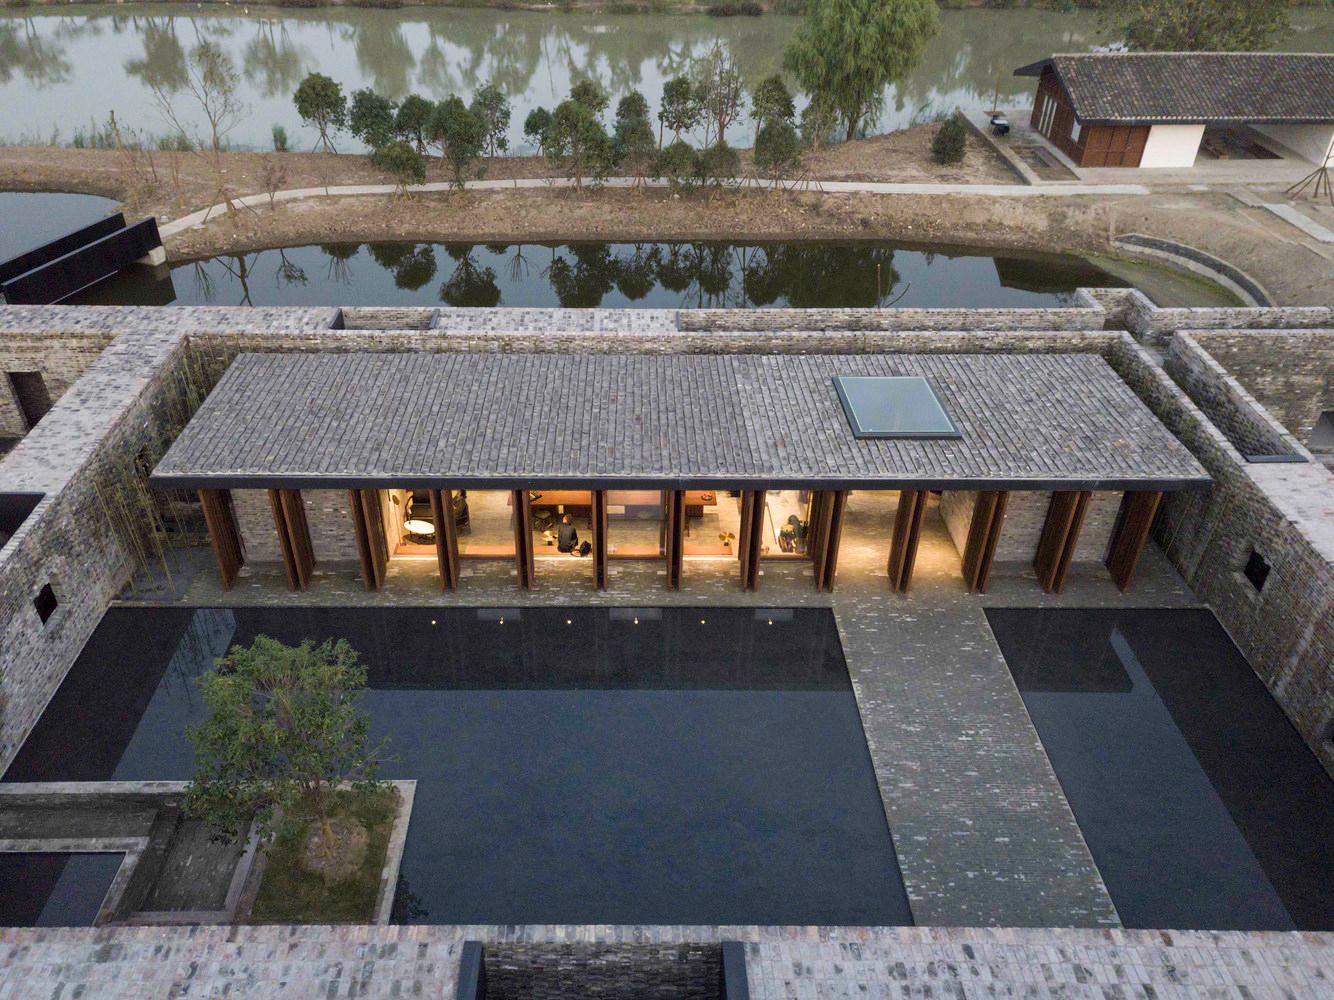 Tsingpu Yangzhou Retreat adaptive reuse project